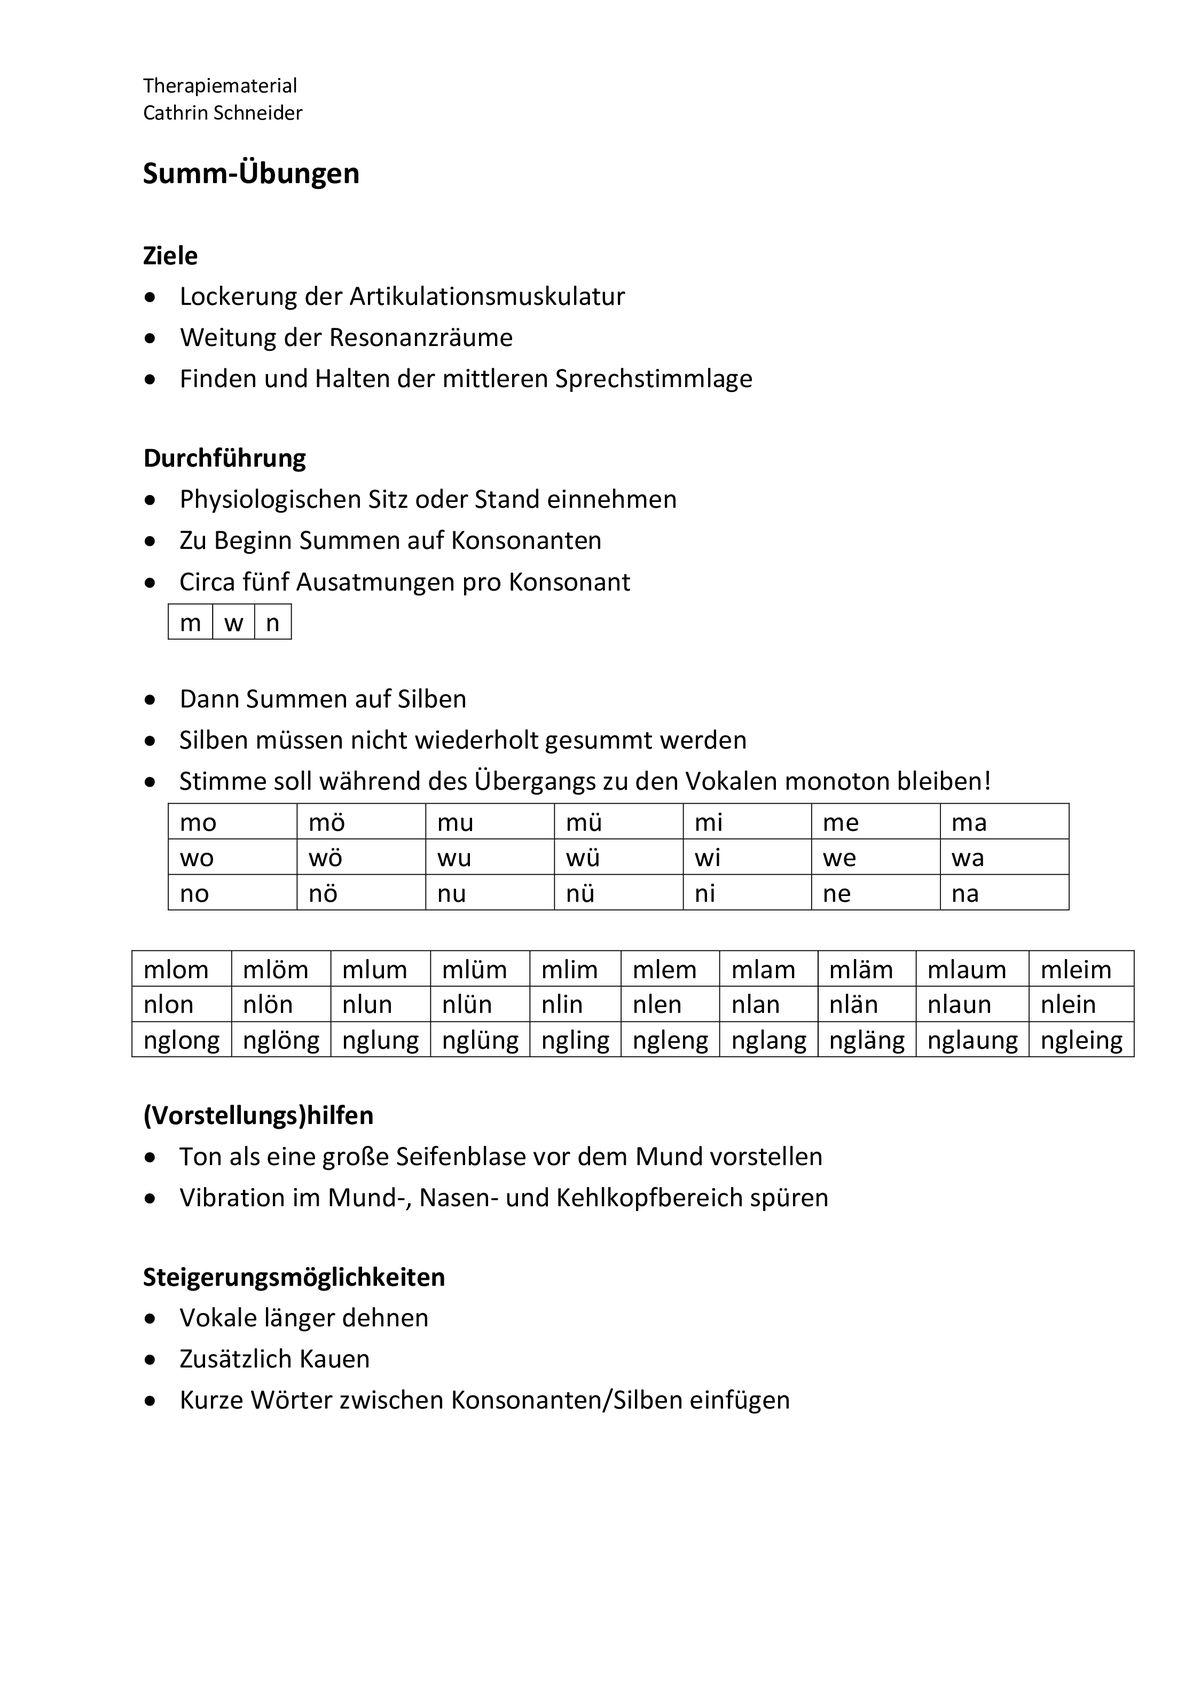 Sammlungen mit Summ-Übungen mit m, w, n und ng - Stimme - madoo.net